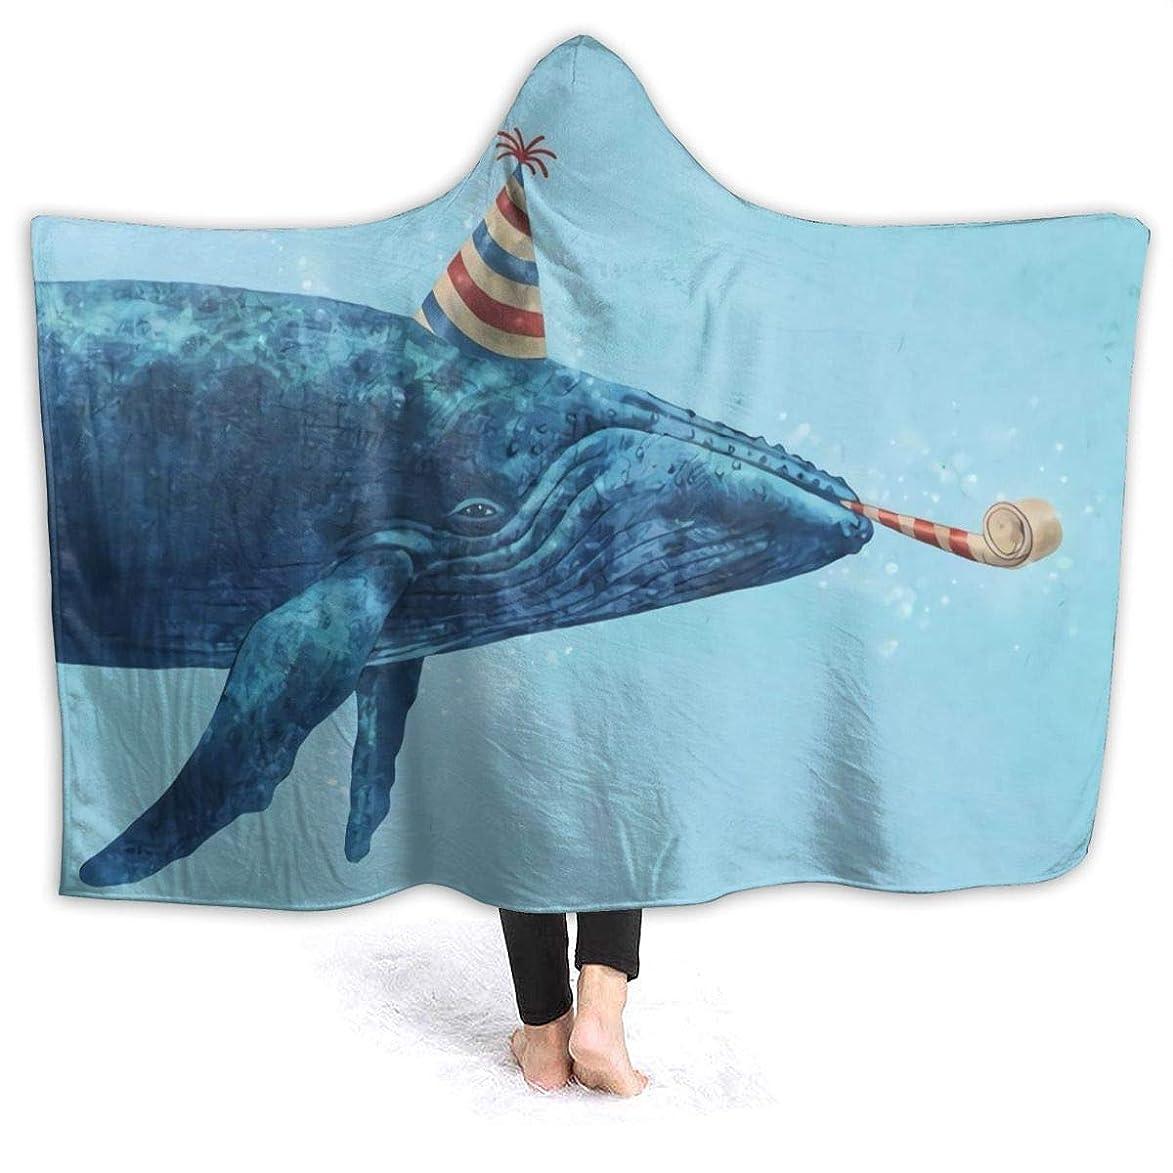 健全ラケット何故なのHR.LLM クジラ サーカス フード付き毛布 着る毛布 毛布 膝掛け毛布 ラップタオル 冷房/防寒対策 防寒保温 防静電加工 軽量 厚手 大判